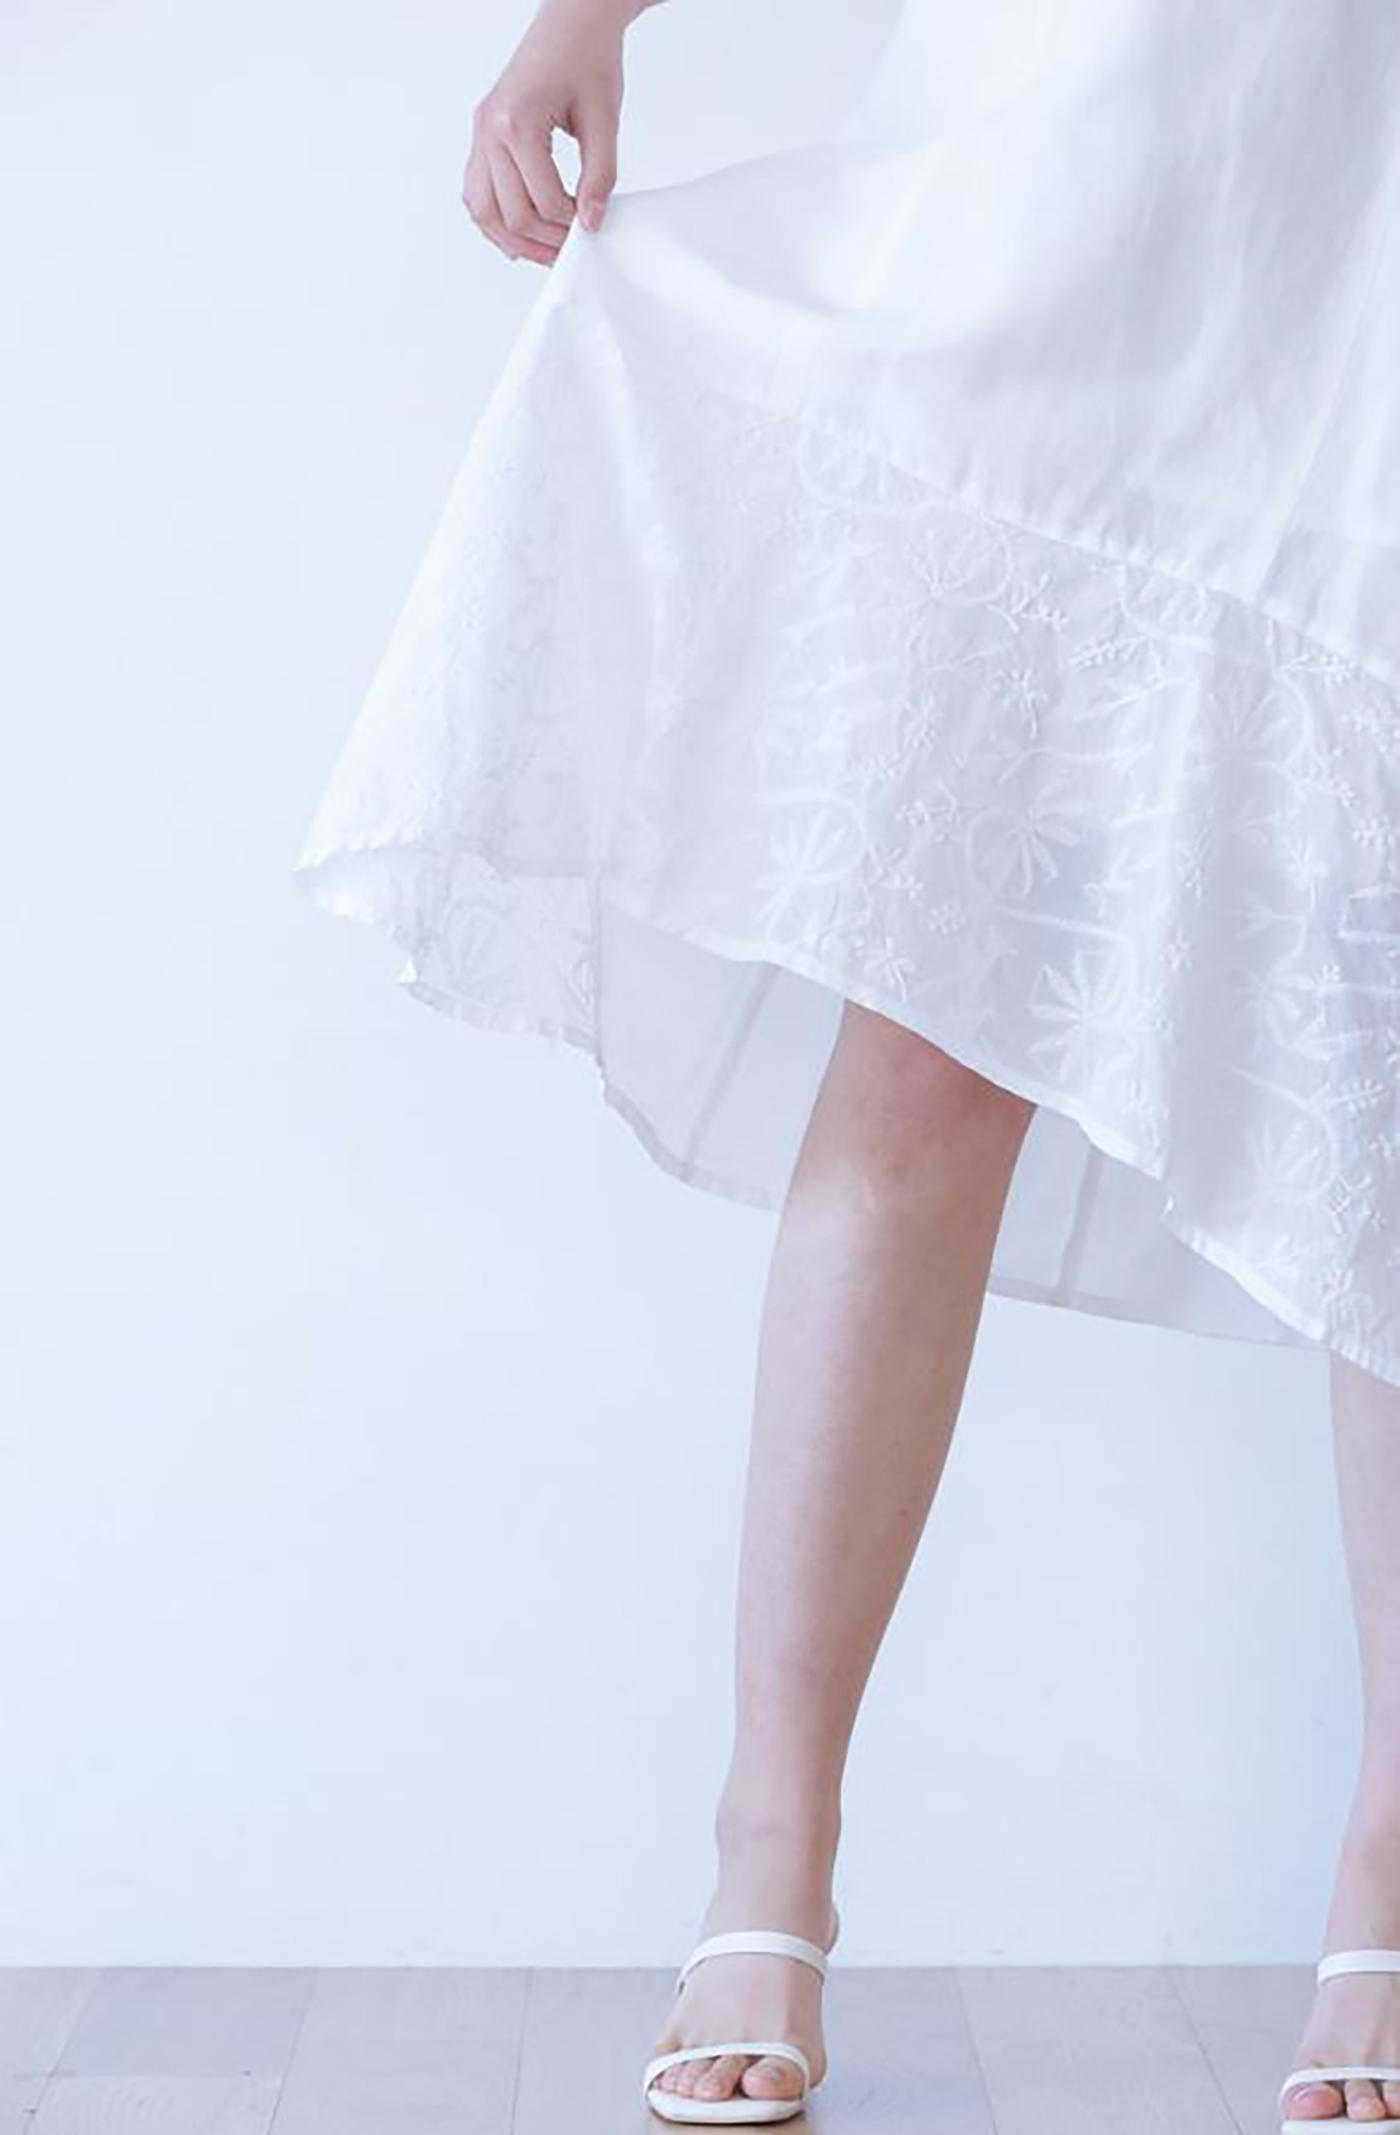 안개꽃 민소매 드레스/그루 안개꽃 민소매 드레스 상세이미지3